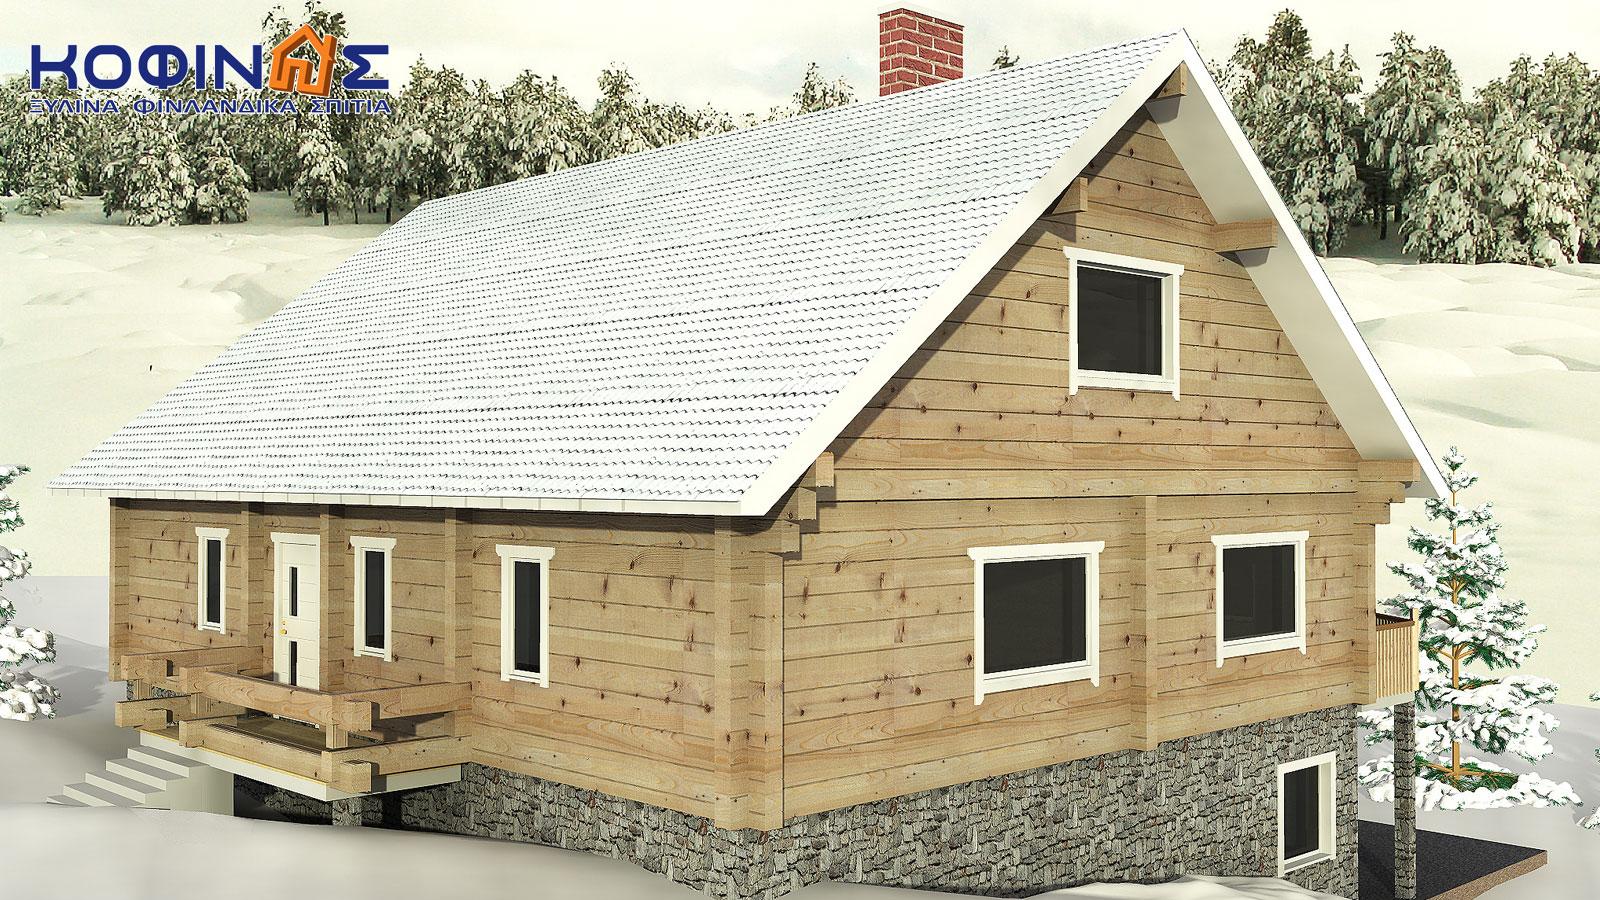 Διώροφη Ξύλινη Κατοικία XD-270, συνολικής επιφάνειας 270,20 τ.μ.